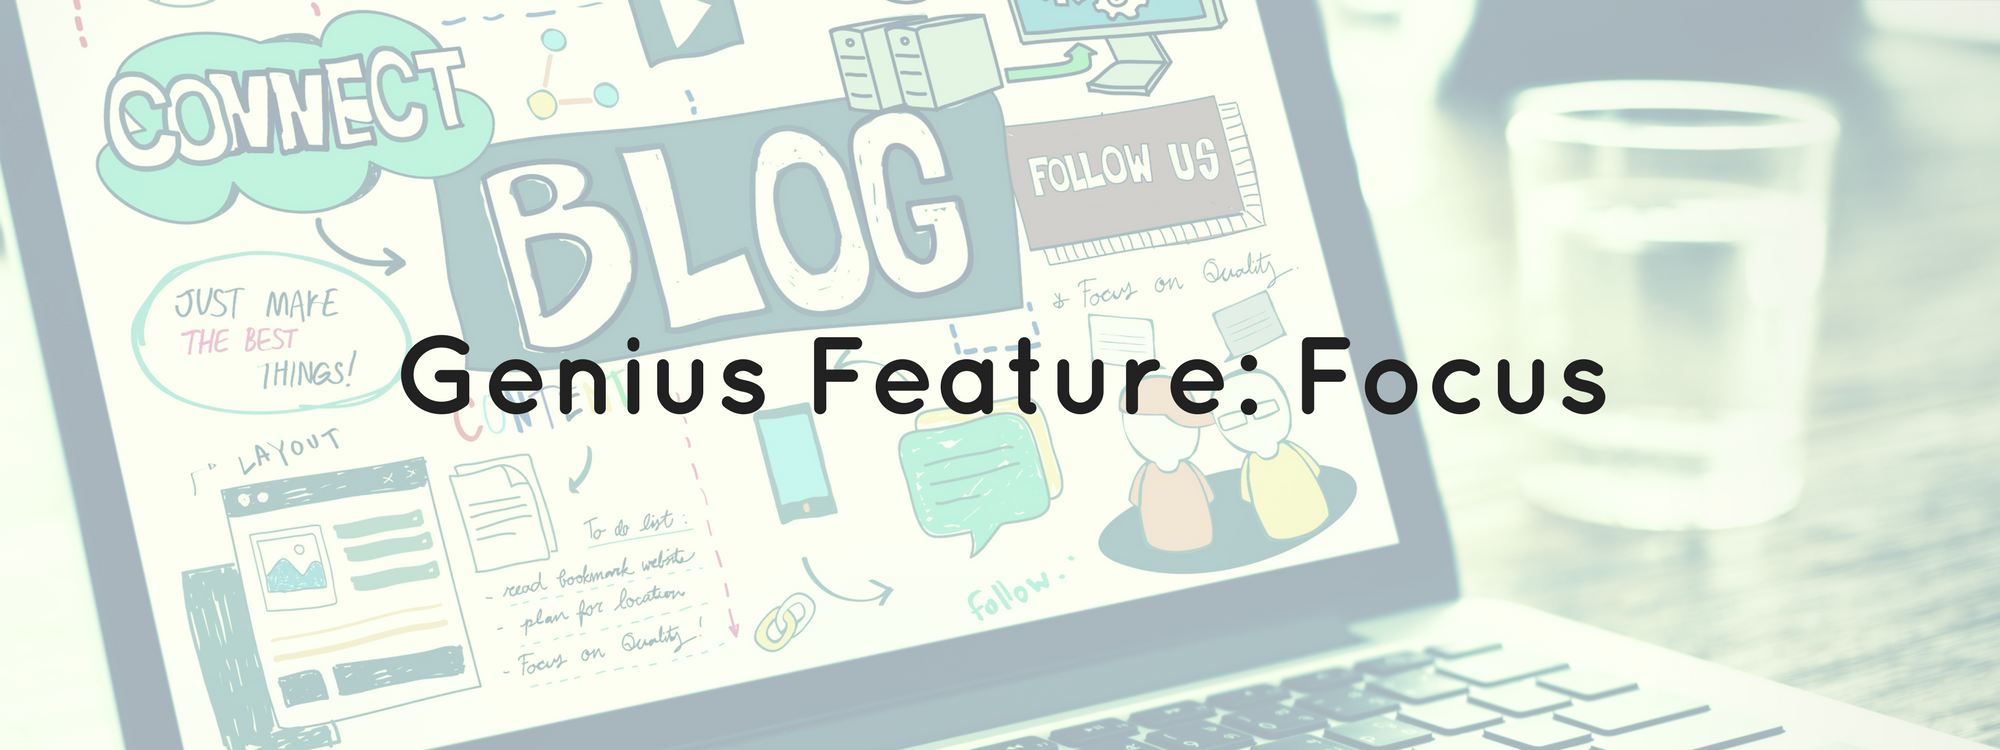 Your Website needs Focus